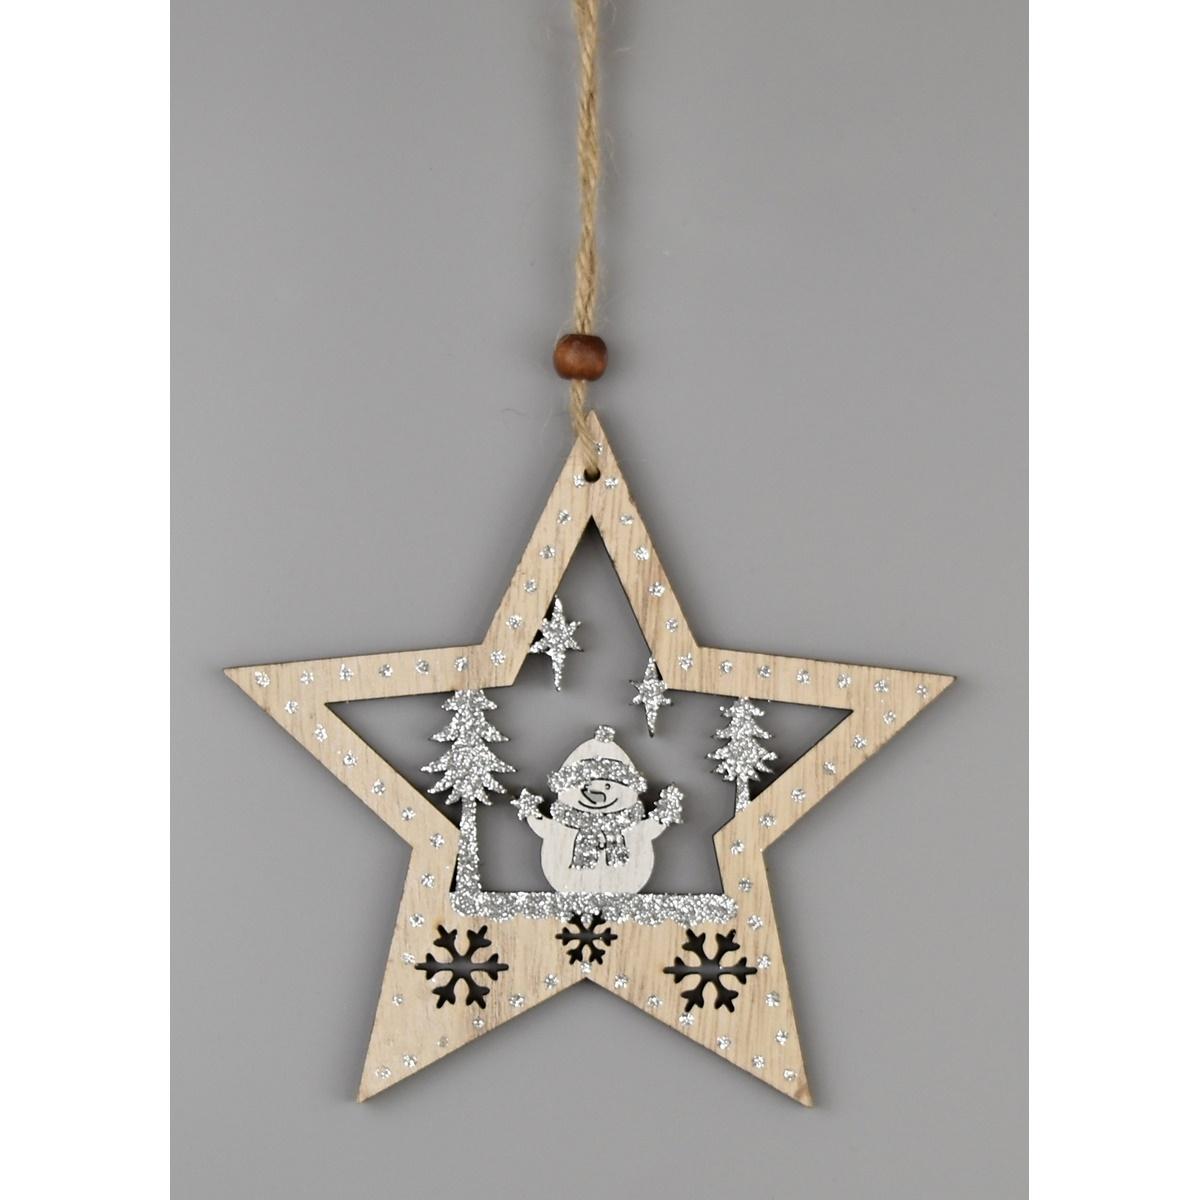 Vánoční závěsná dekorace Christmas star, 23 cm